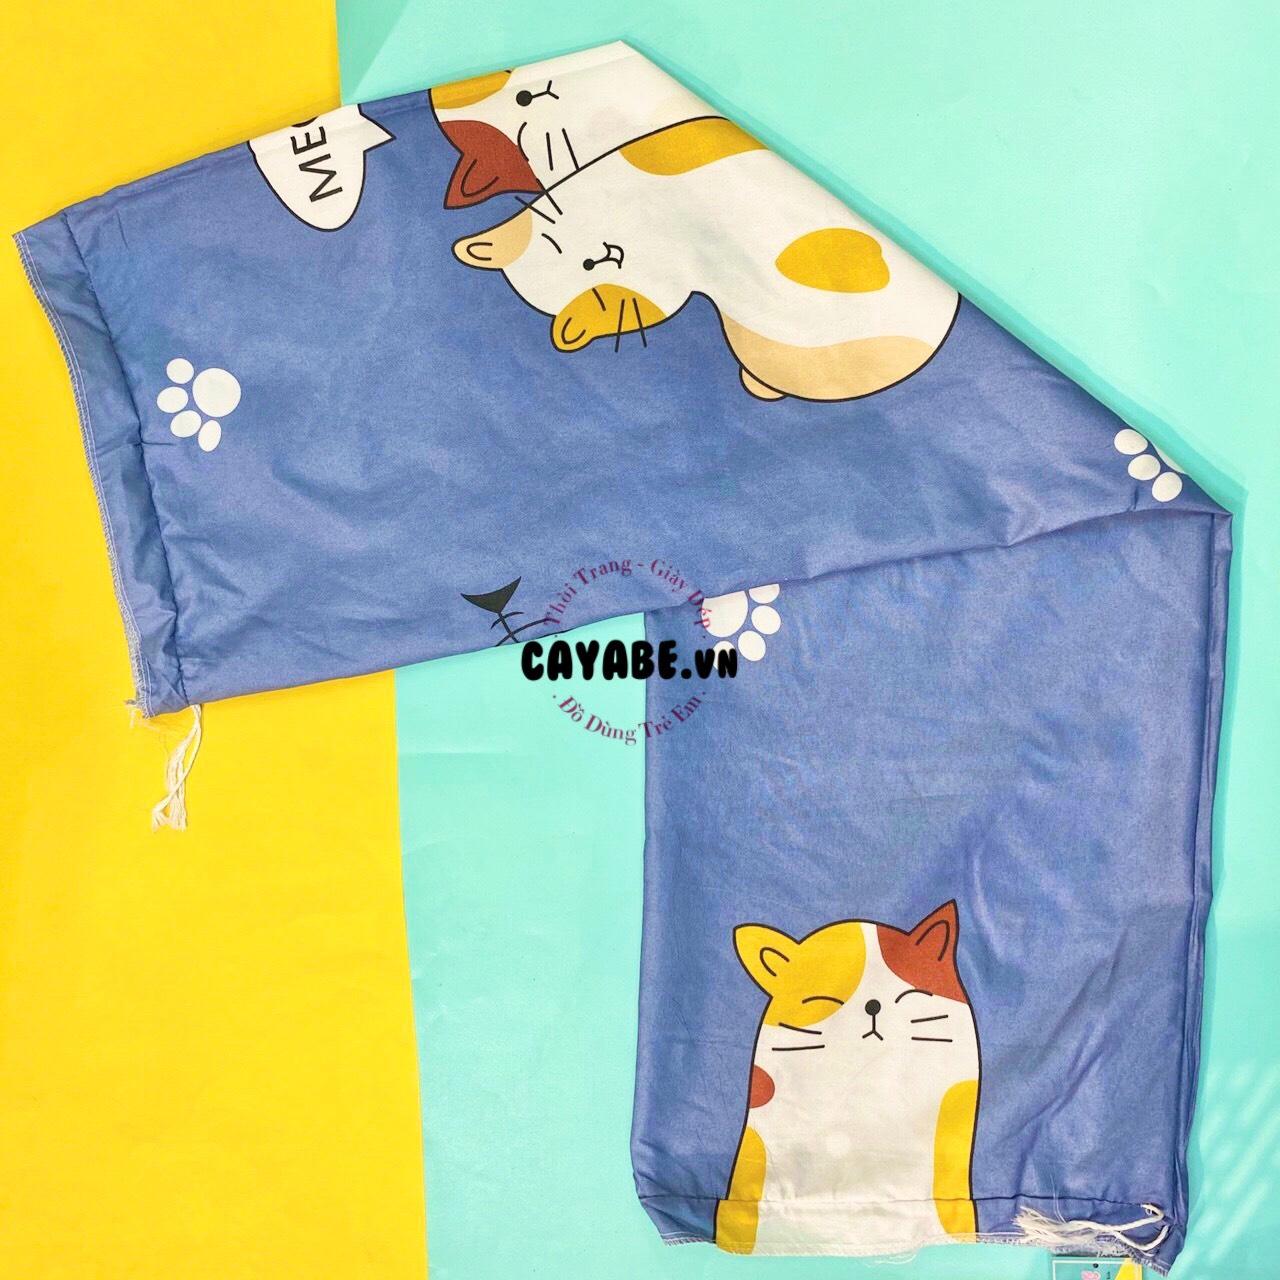 Vỏ gối ôm hình mèo màu xanh